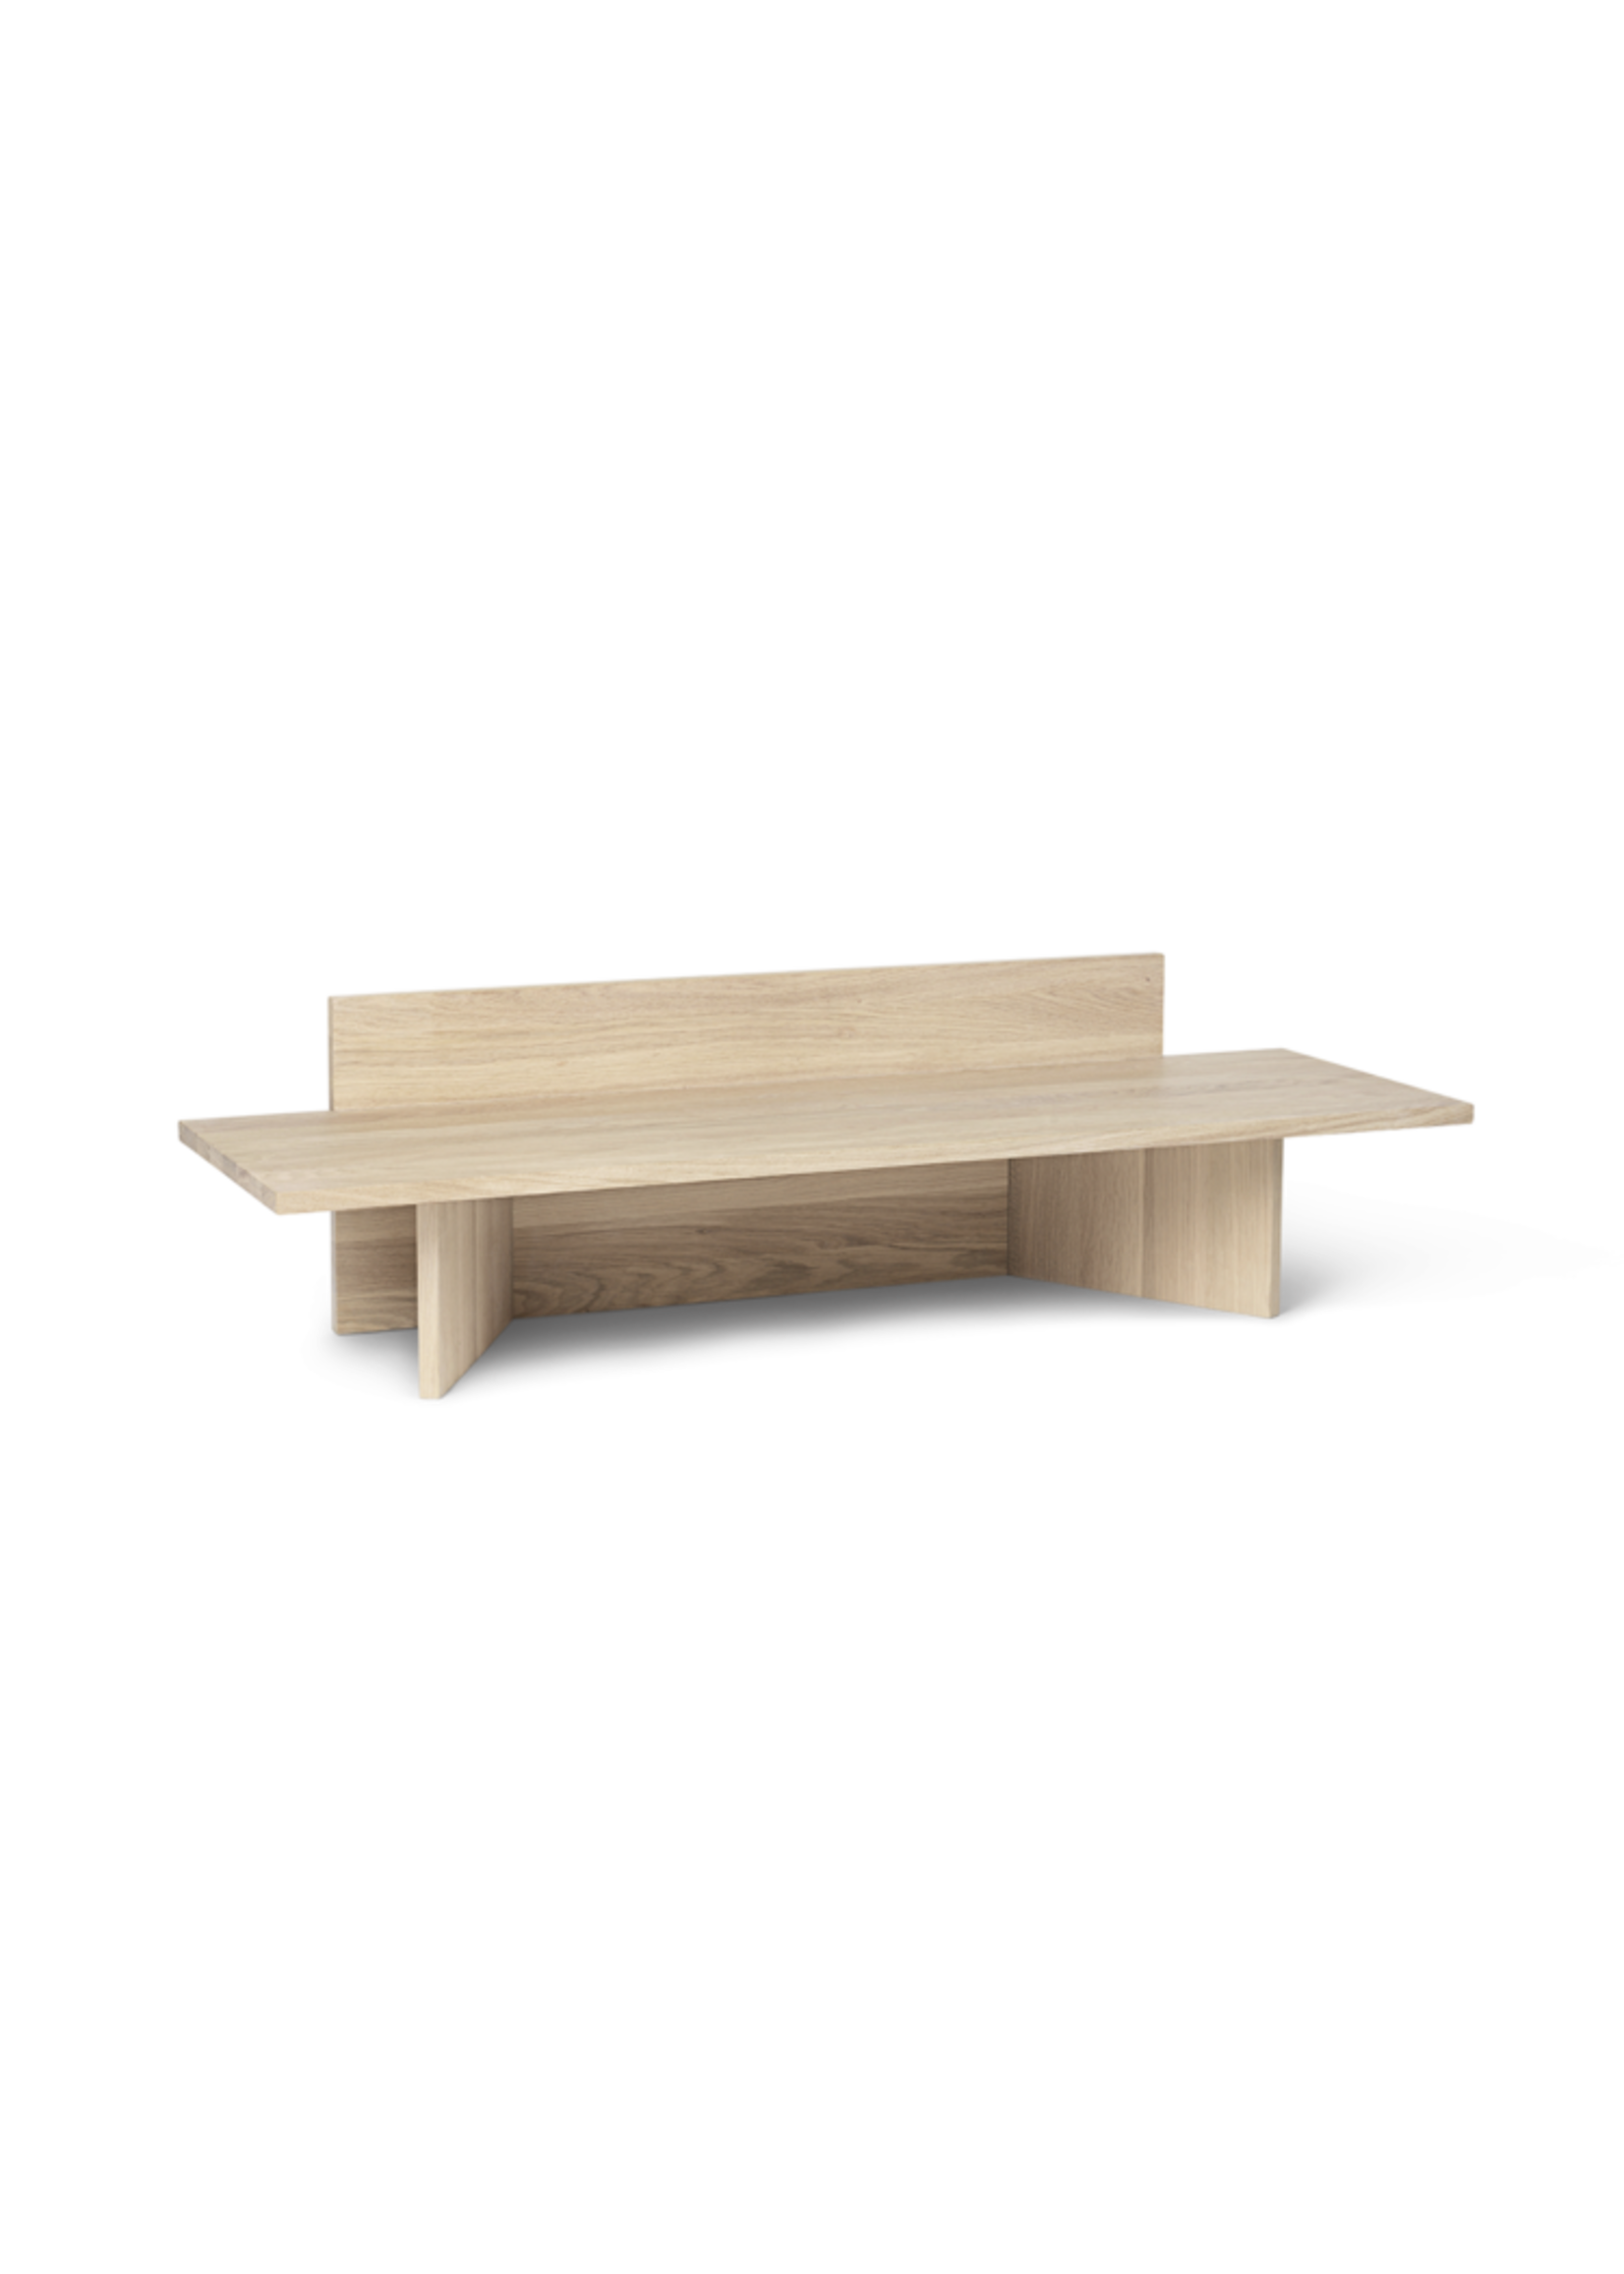 ferm LIVING ferm LIVING Oblique Bench - Natural Oak